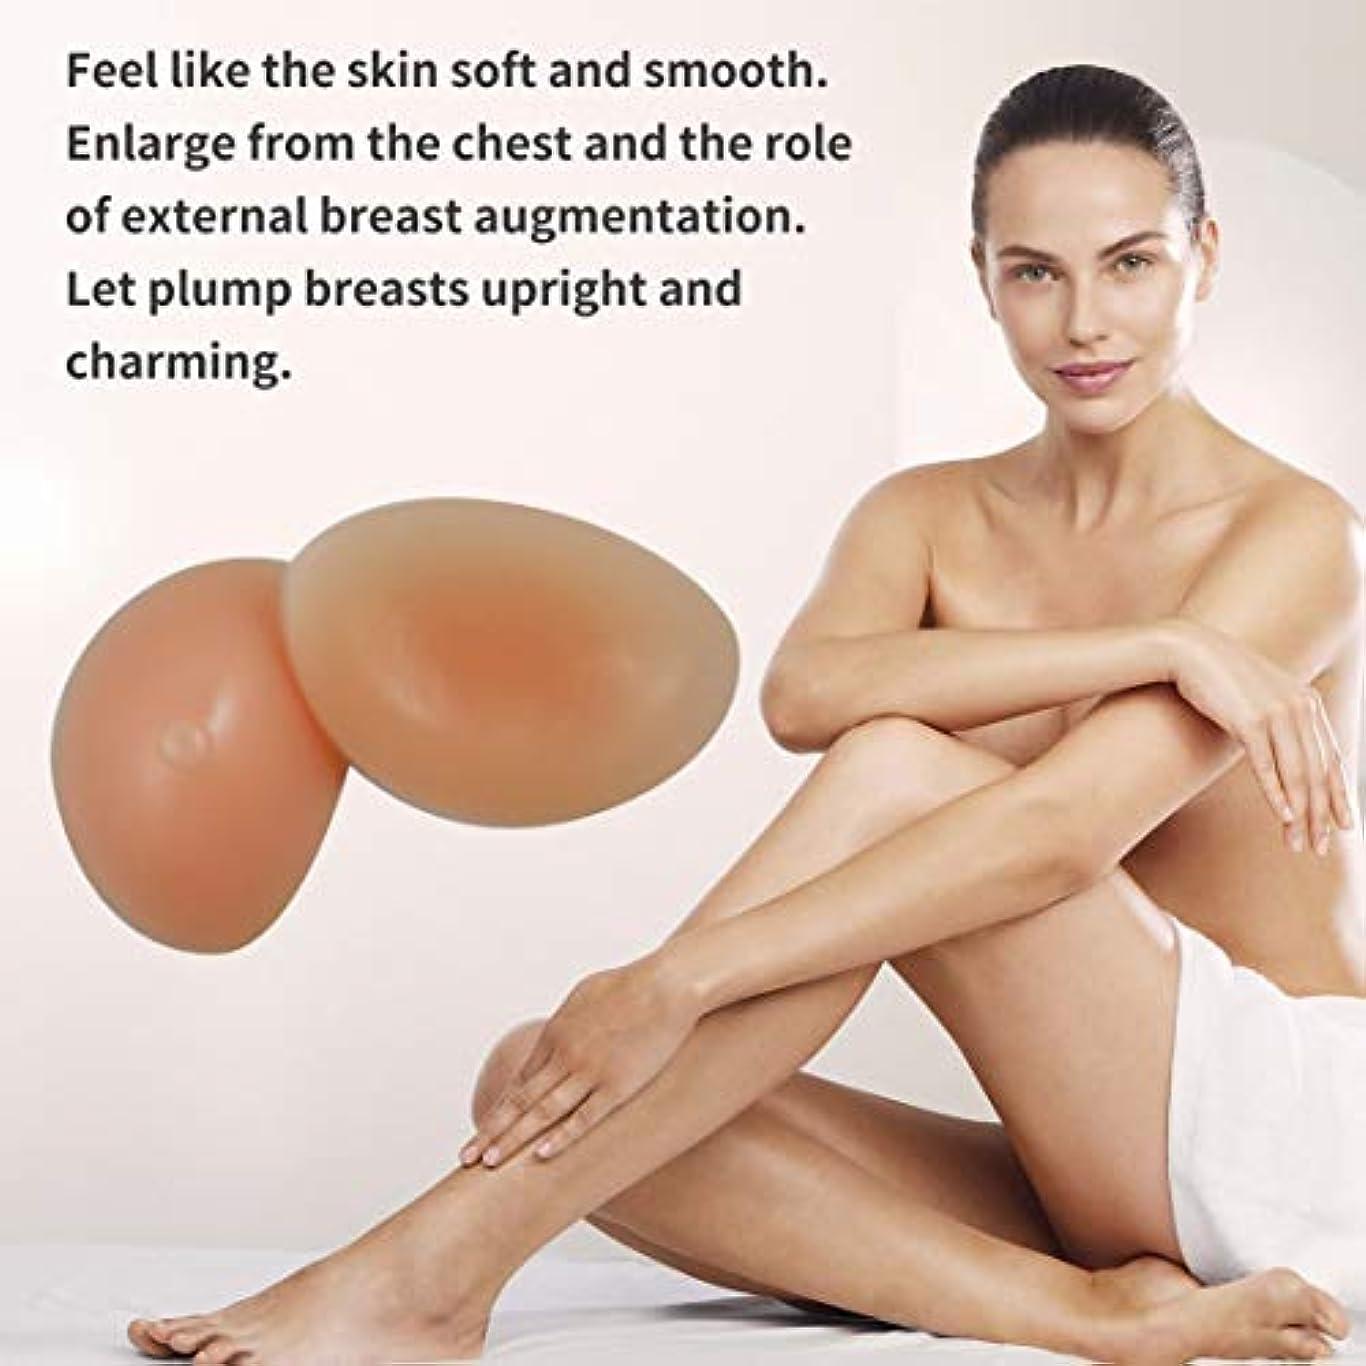 考えた情熱乱闘シリコーンフォーム偽乳房エンハンサープッシュアップパッドブースターブラインサート人工乳房リアルな防水シリコーン乳房フォーム